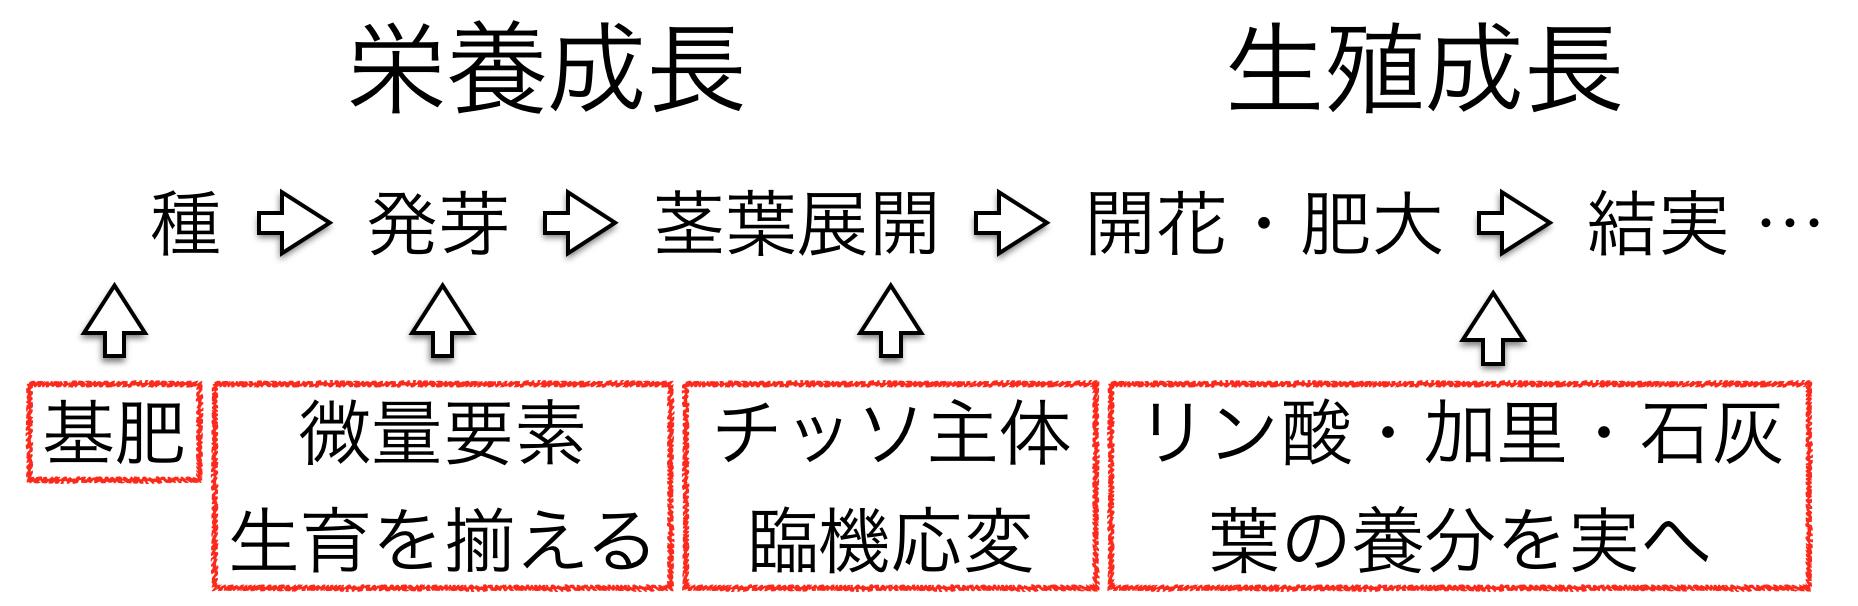 植物の基本サイクル2